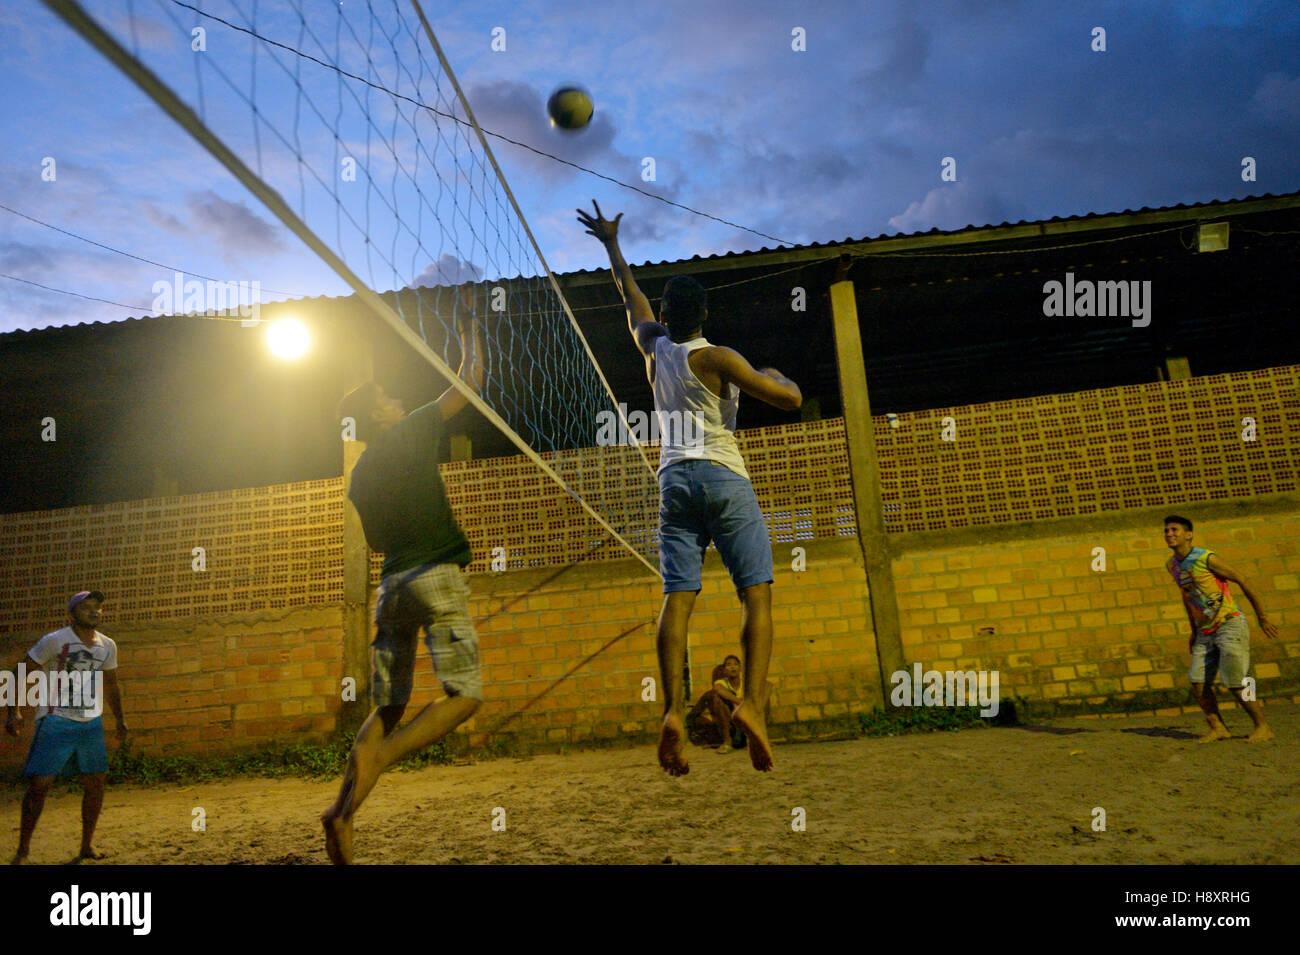 Les jeunes jouer au volley-ball, soirée, Trinta, District de Itaituba, Pará, Brésil Photo Stock